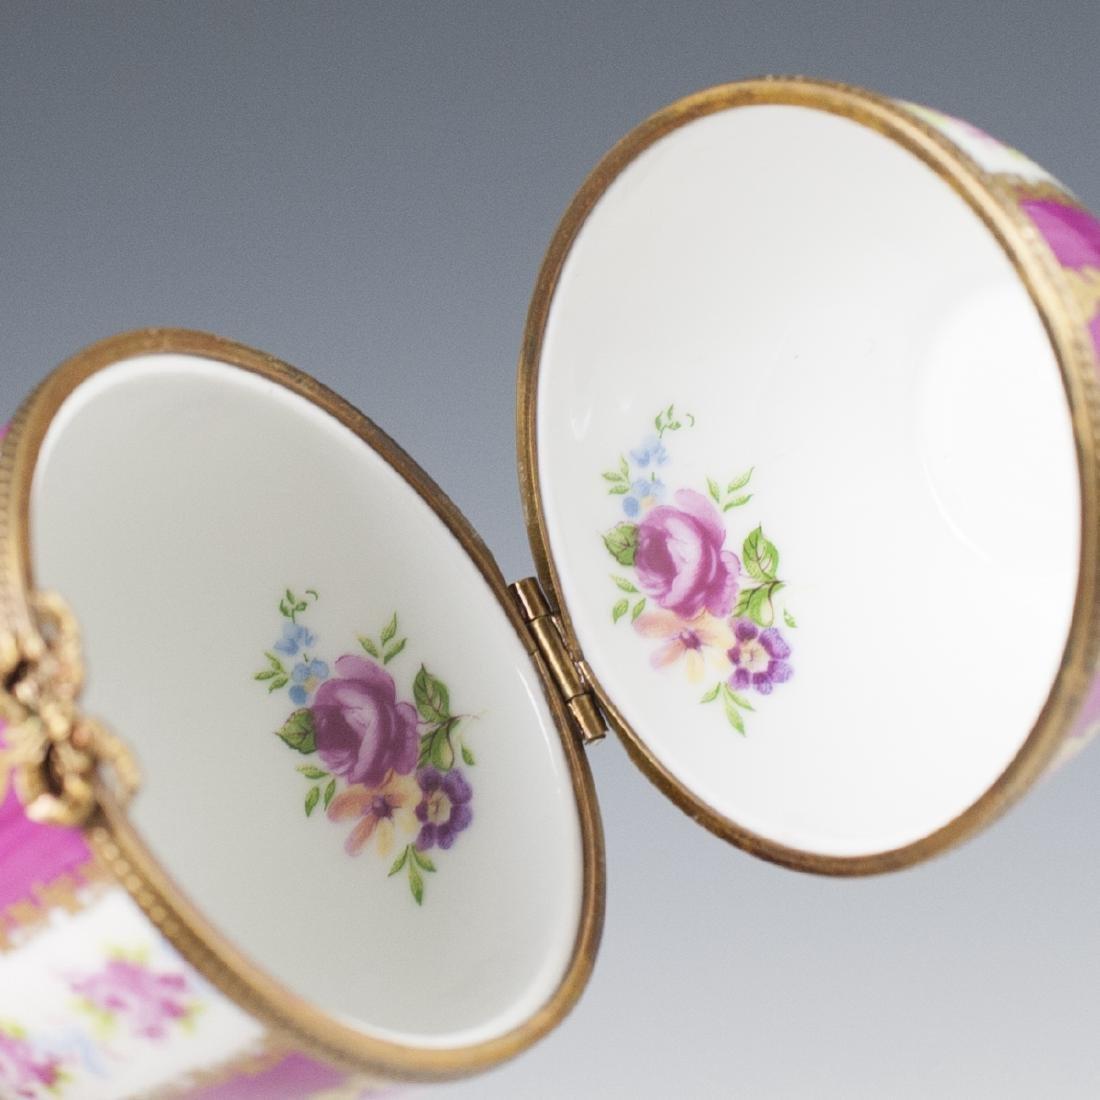 Limoges Porcelain Egg Trinket Box - 4